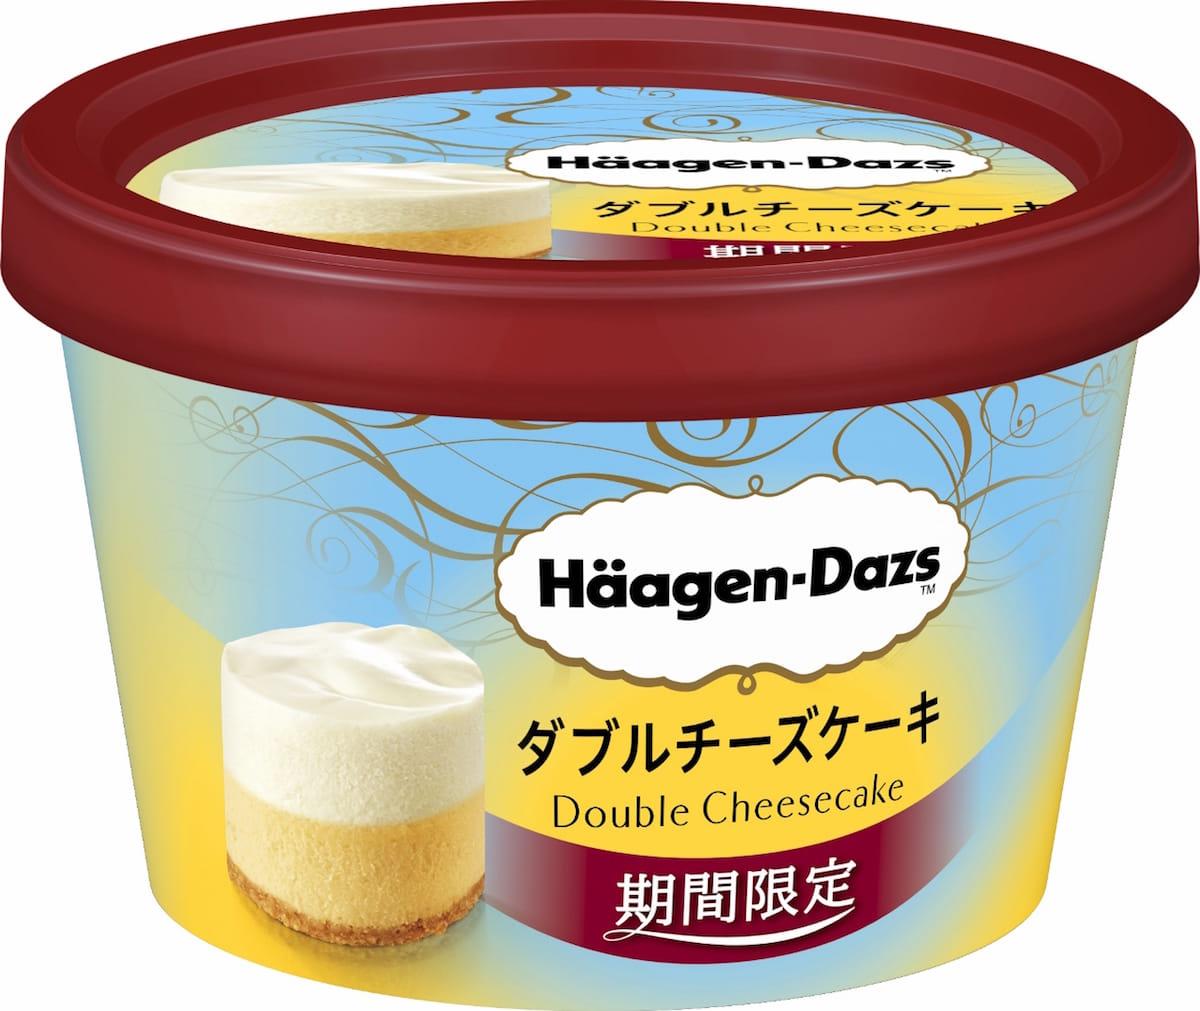 今日からハーゲンダッツを使ったアフタヌーンティーが登場!東京マリオットホテルとのコラボ企画がスタート gourmet1804232_ricky_sub2-1200x1011